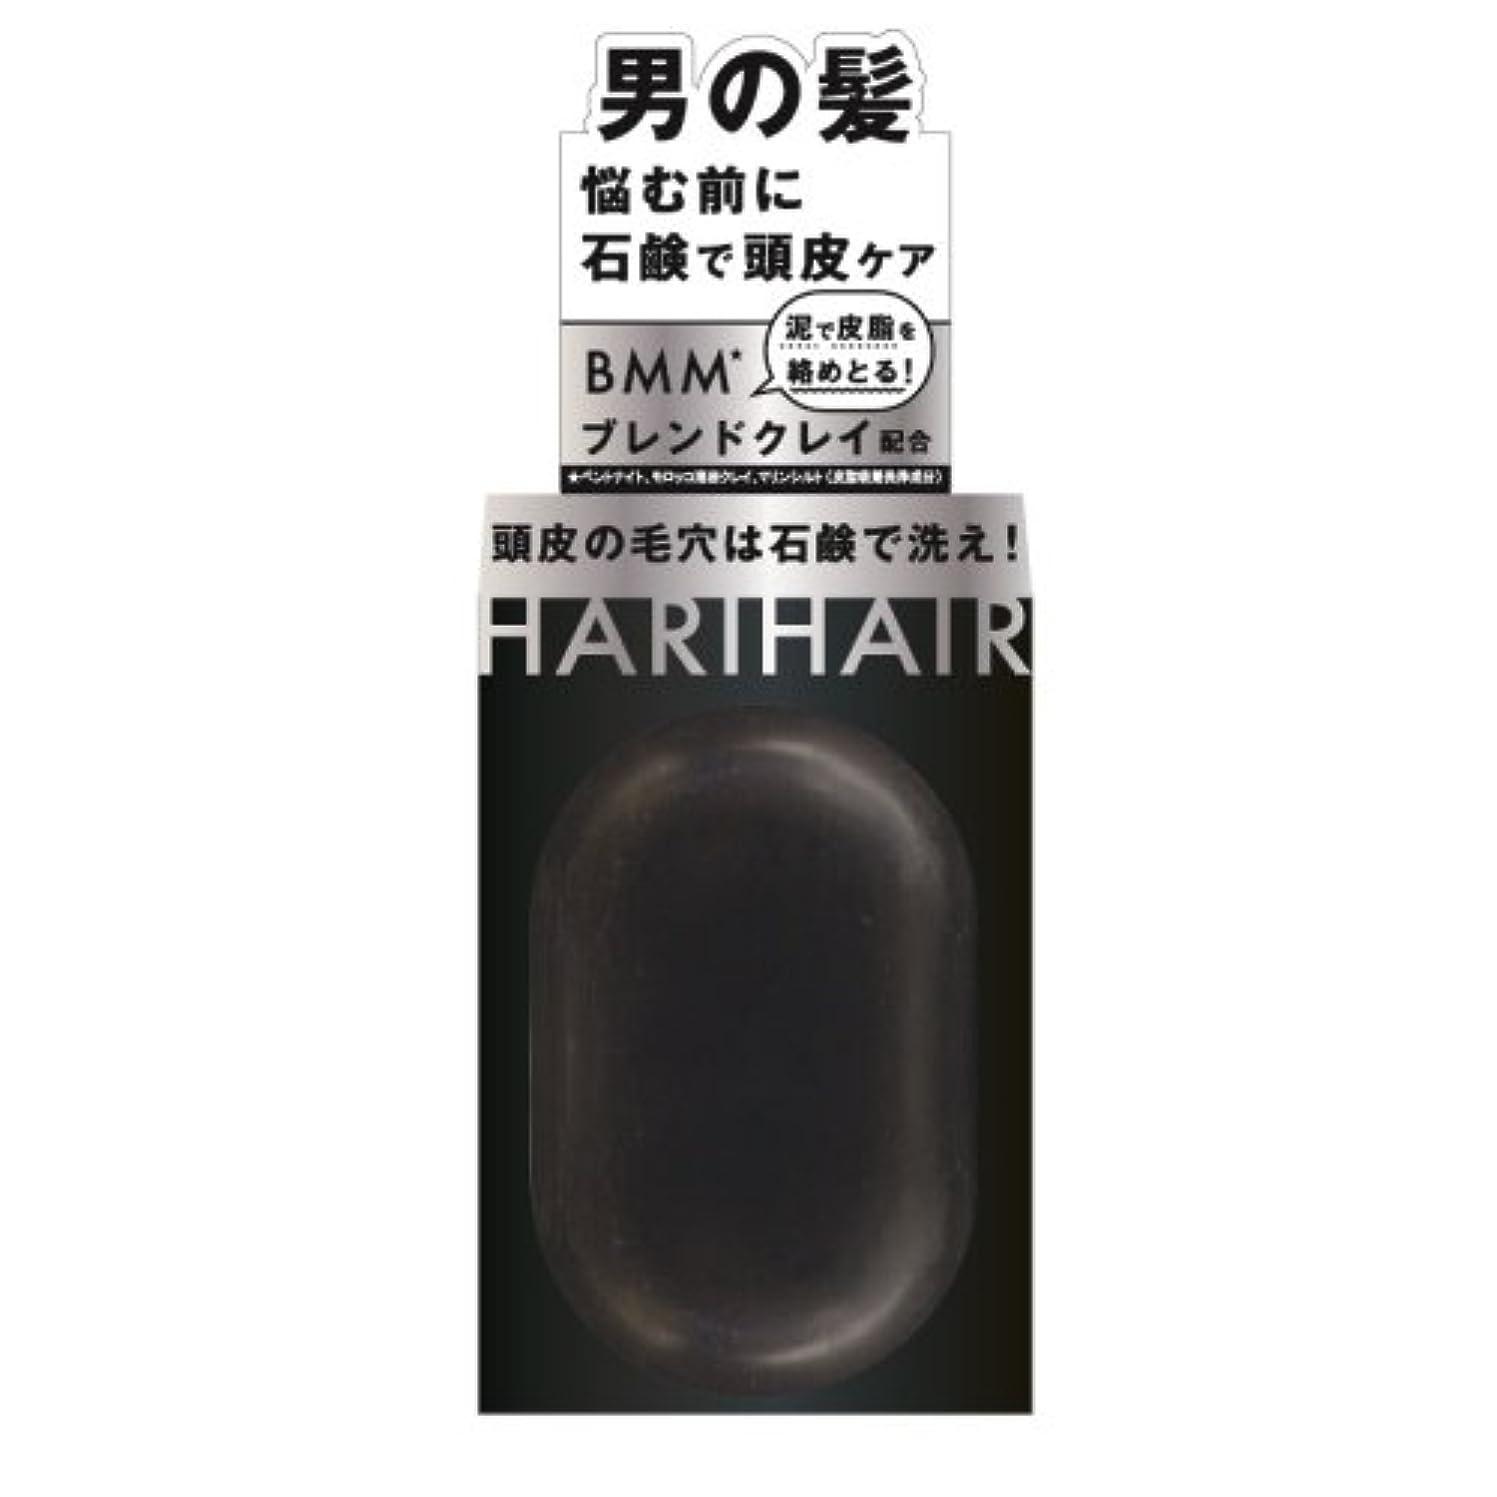 通信するコメント請求可能ペリカン石鹸 ハリヘア 固形シャンプー 100g